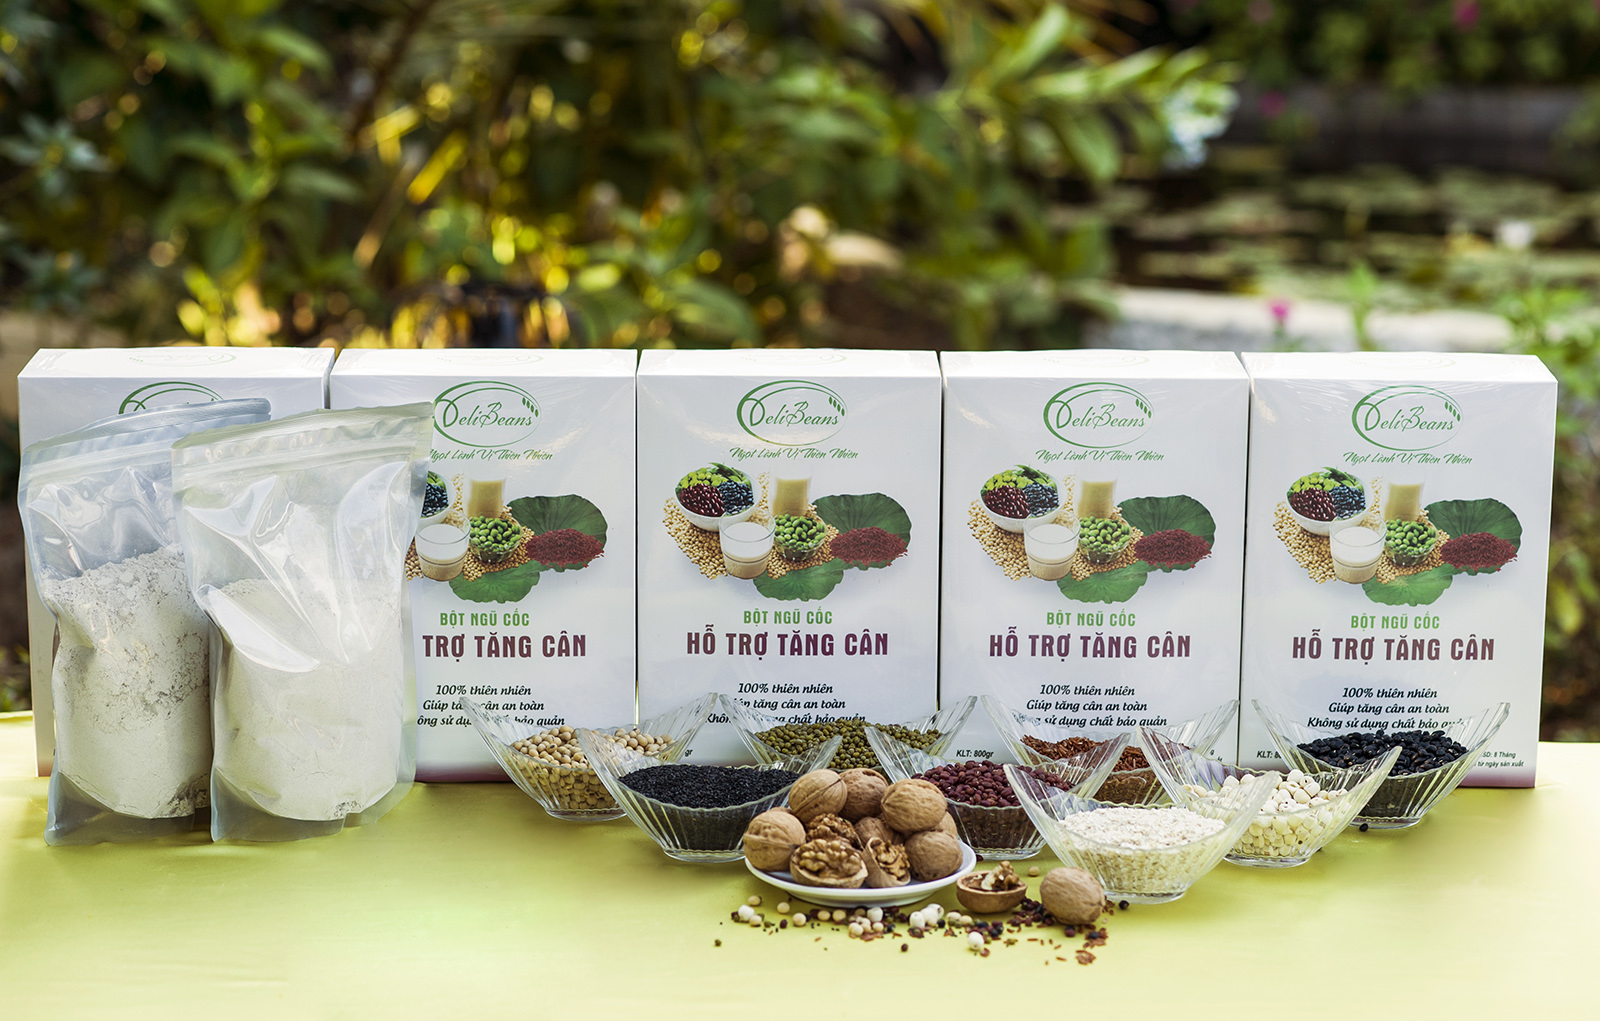 Bột ngũ cốc hỗ trợ tăng cân DeliBeans (Hộp 800g) 12 - Deli Beans